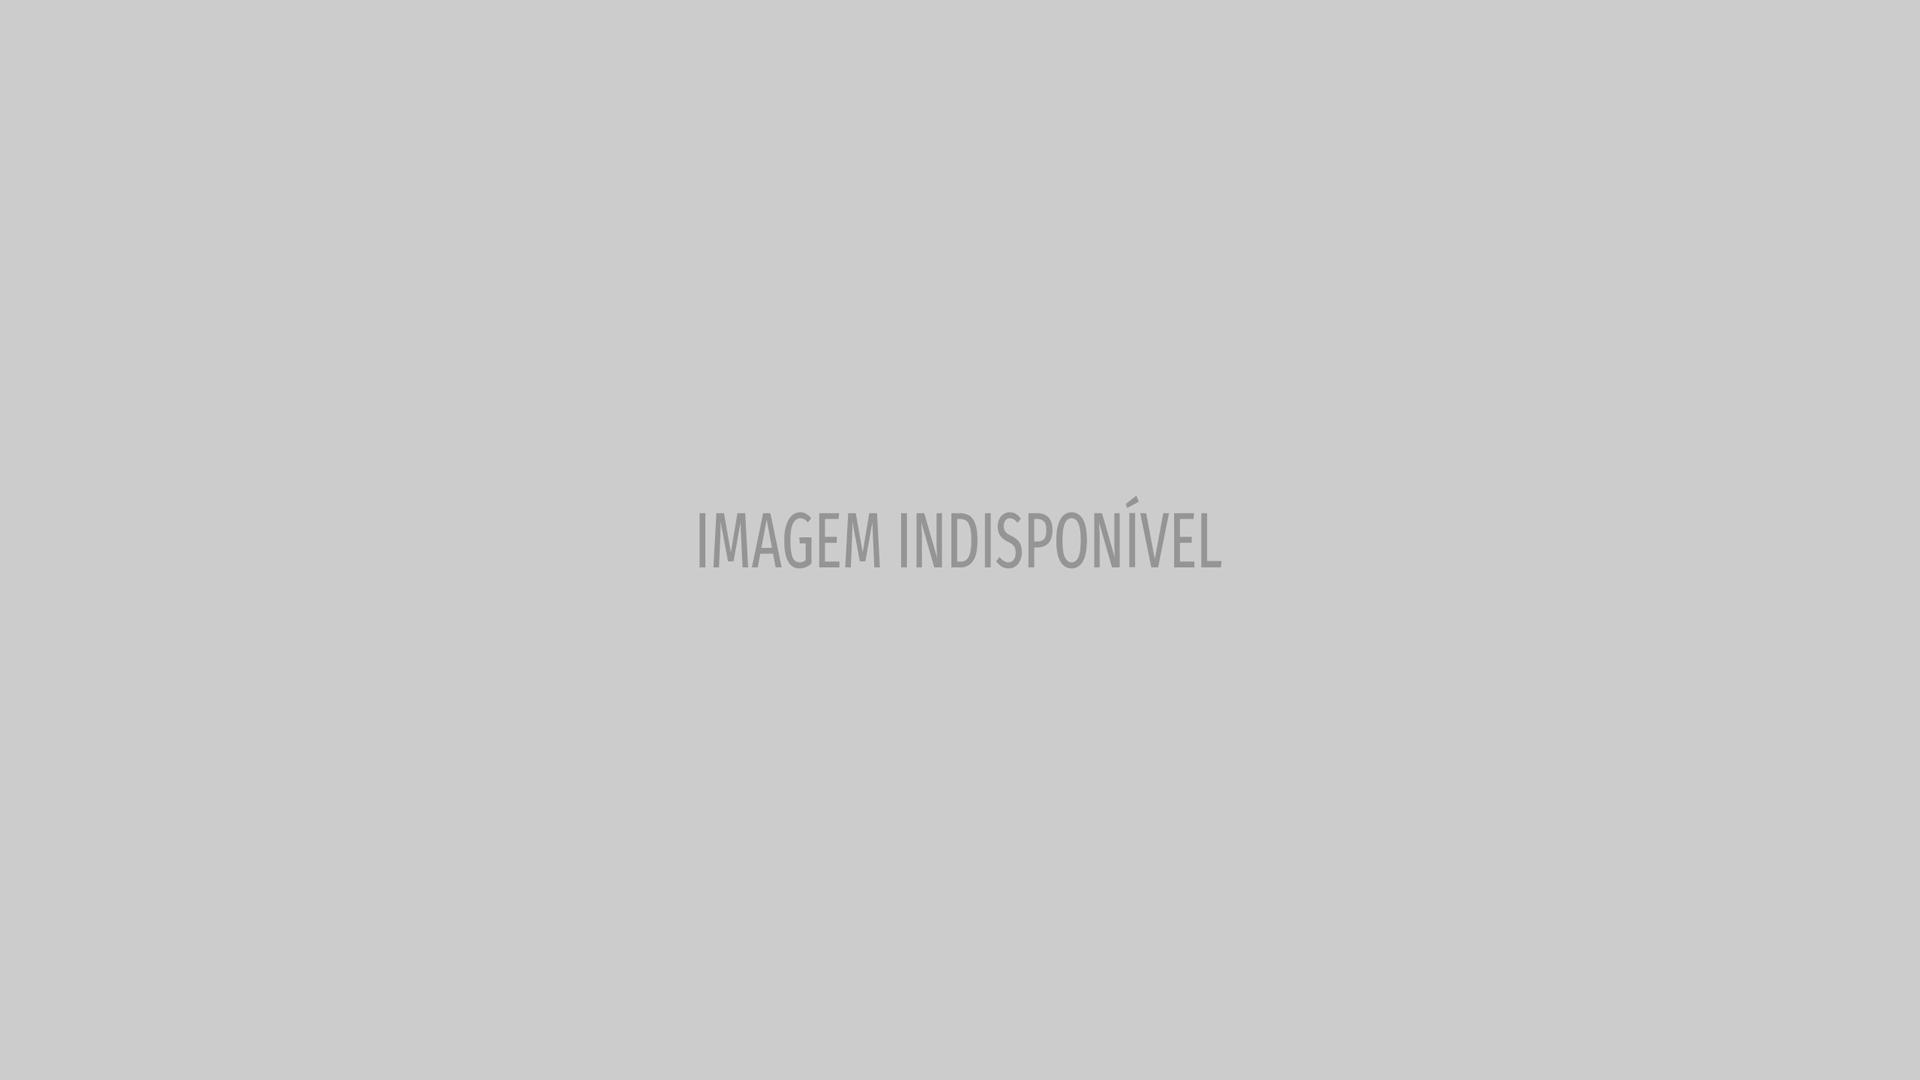 Tânia Ribas de Oliveira recorda primeira gravidez